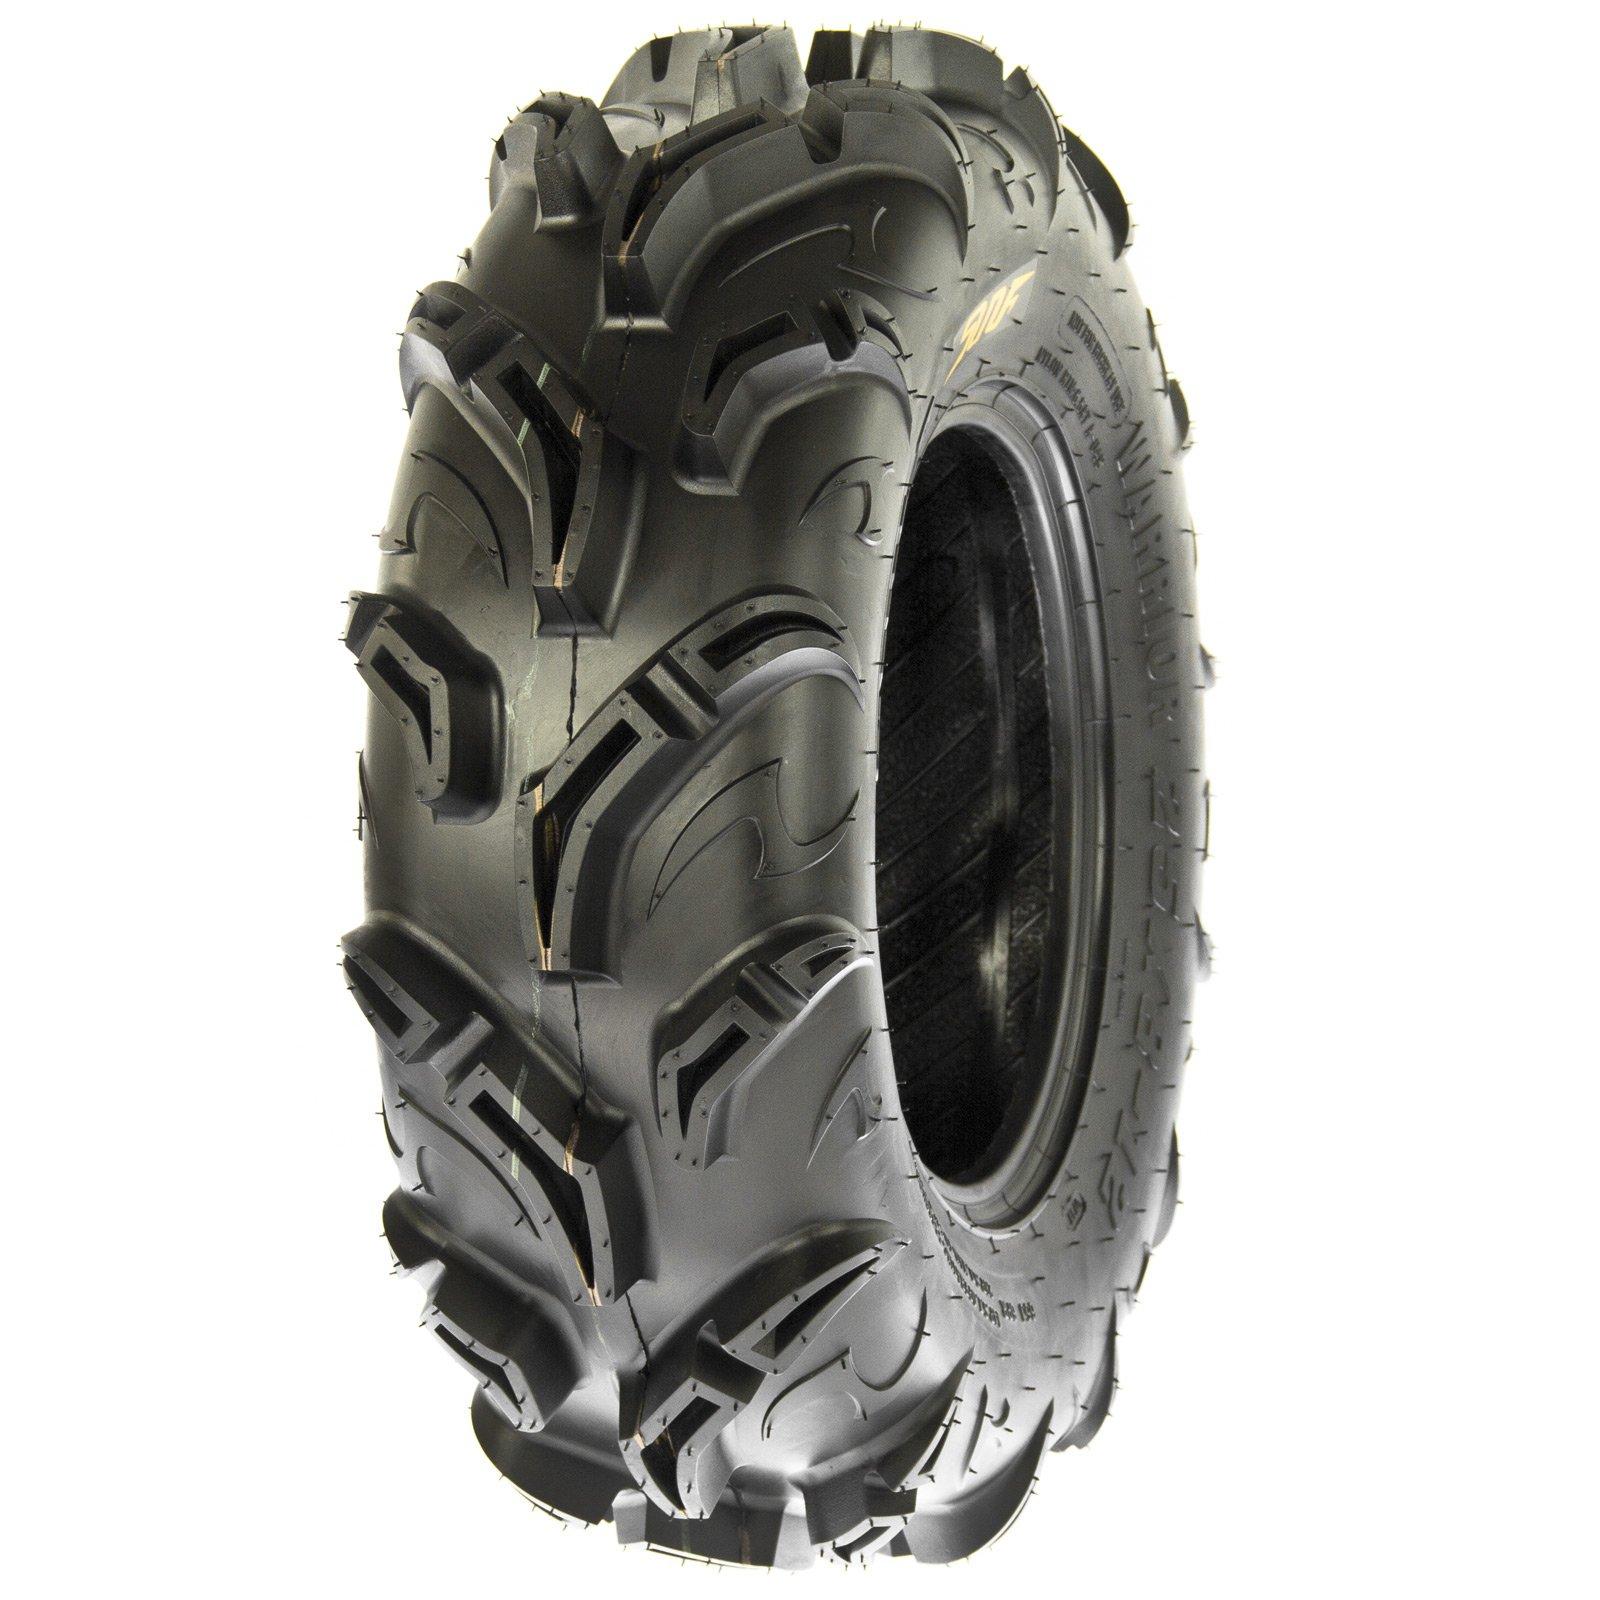 SunF Warrior AT-Mud & Trail ATV/UTV Tire 25x8-12, 6PR, 1.18'' Tread Depth